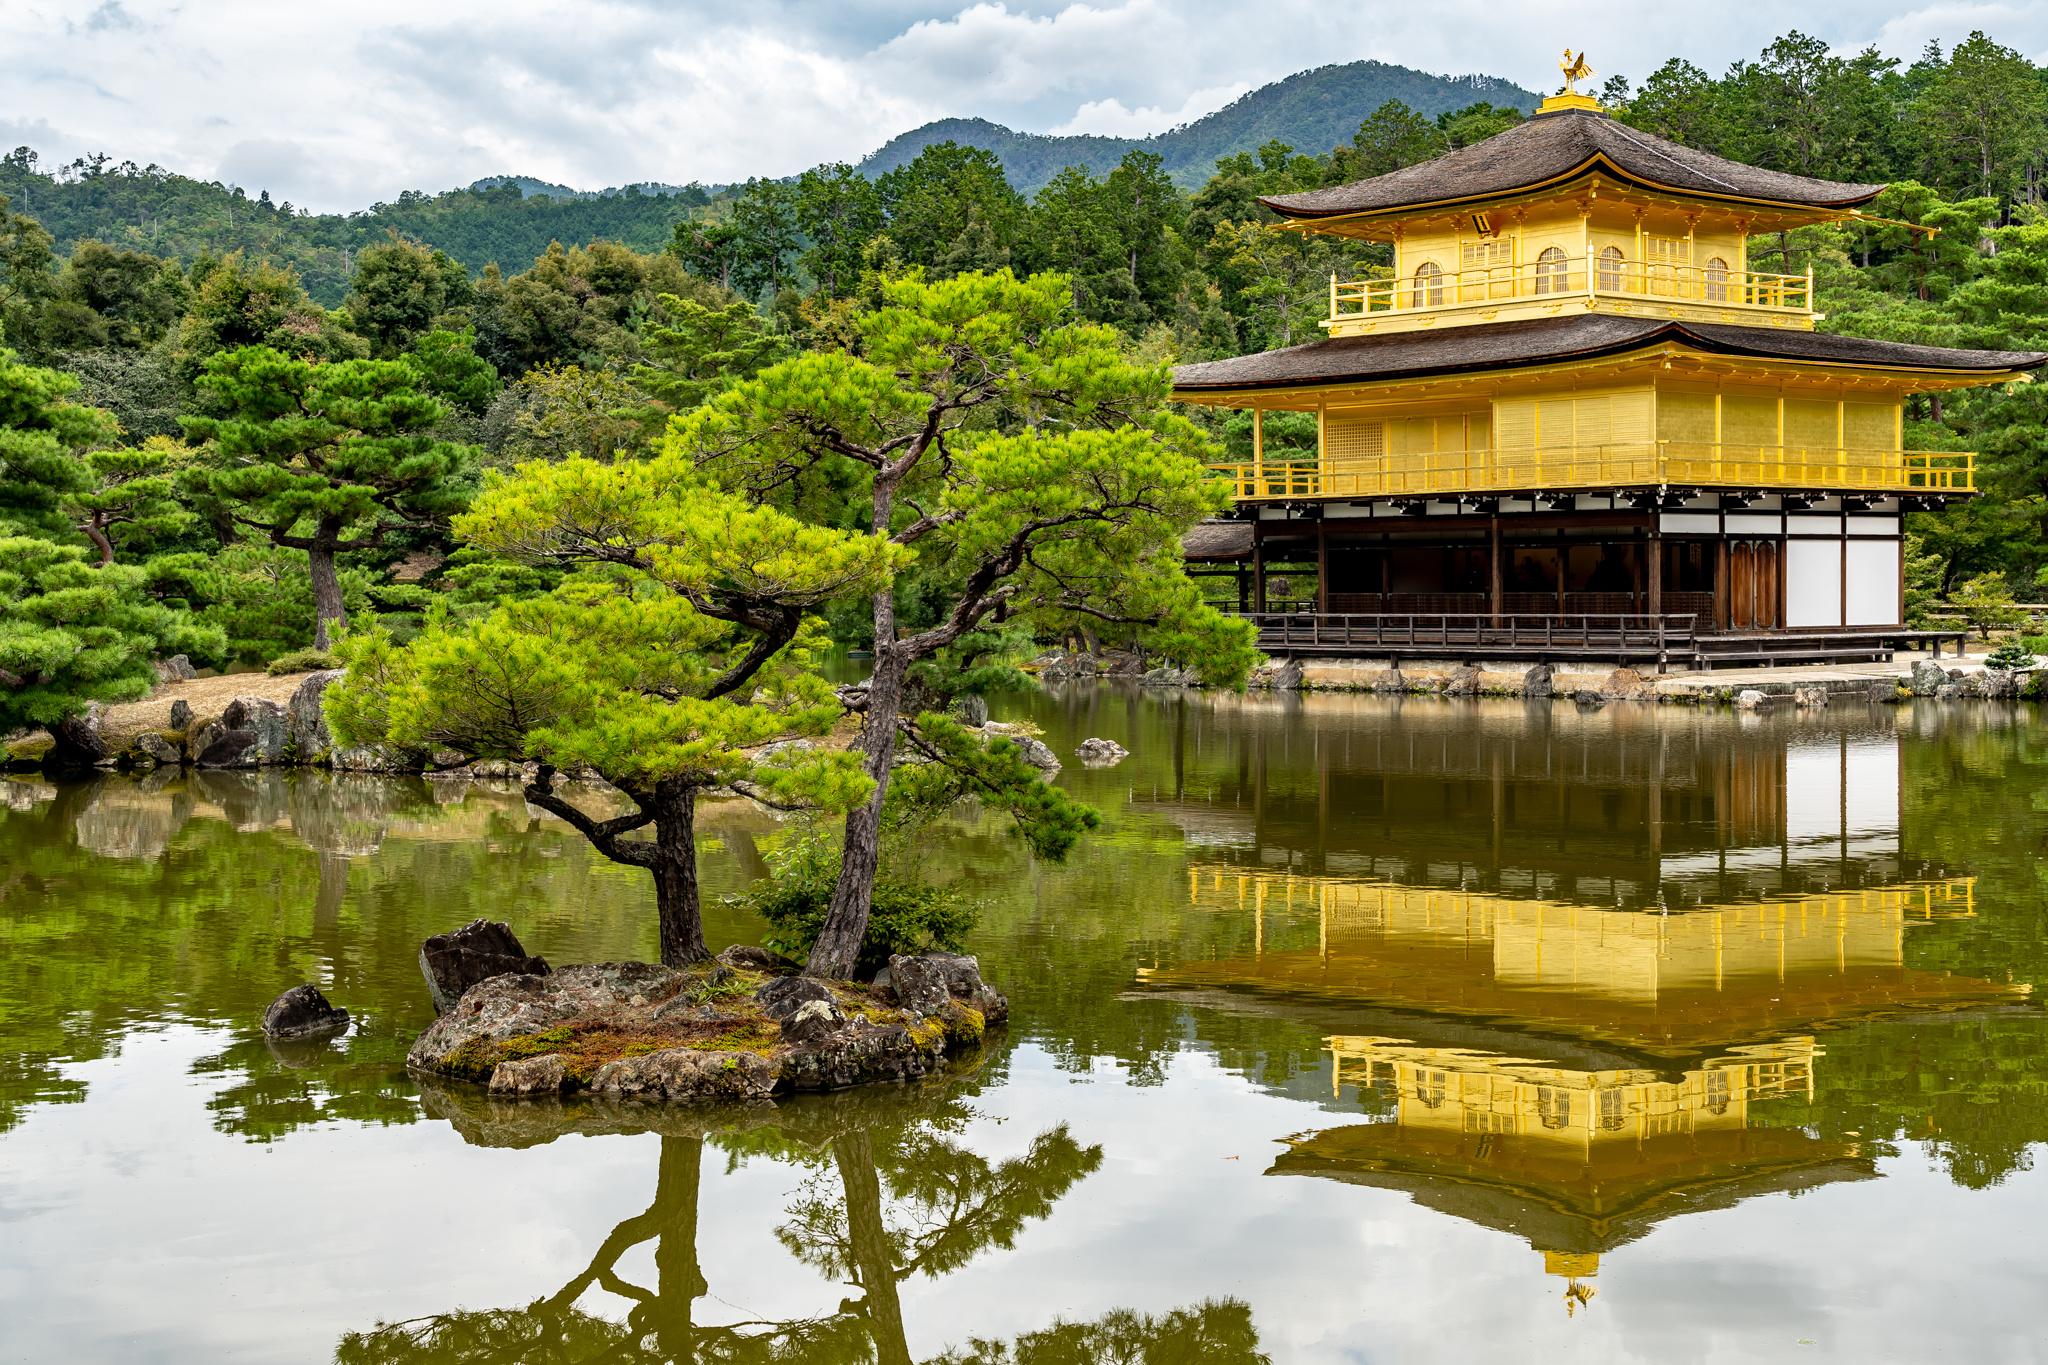 Фотография Киото Япония Природа Пруд Парки Пагоды Деревья парк дерево дерева деревьев